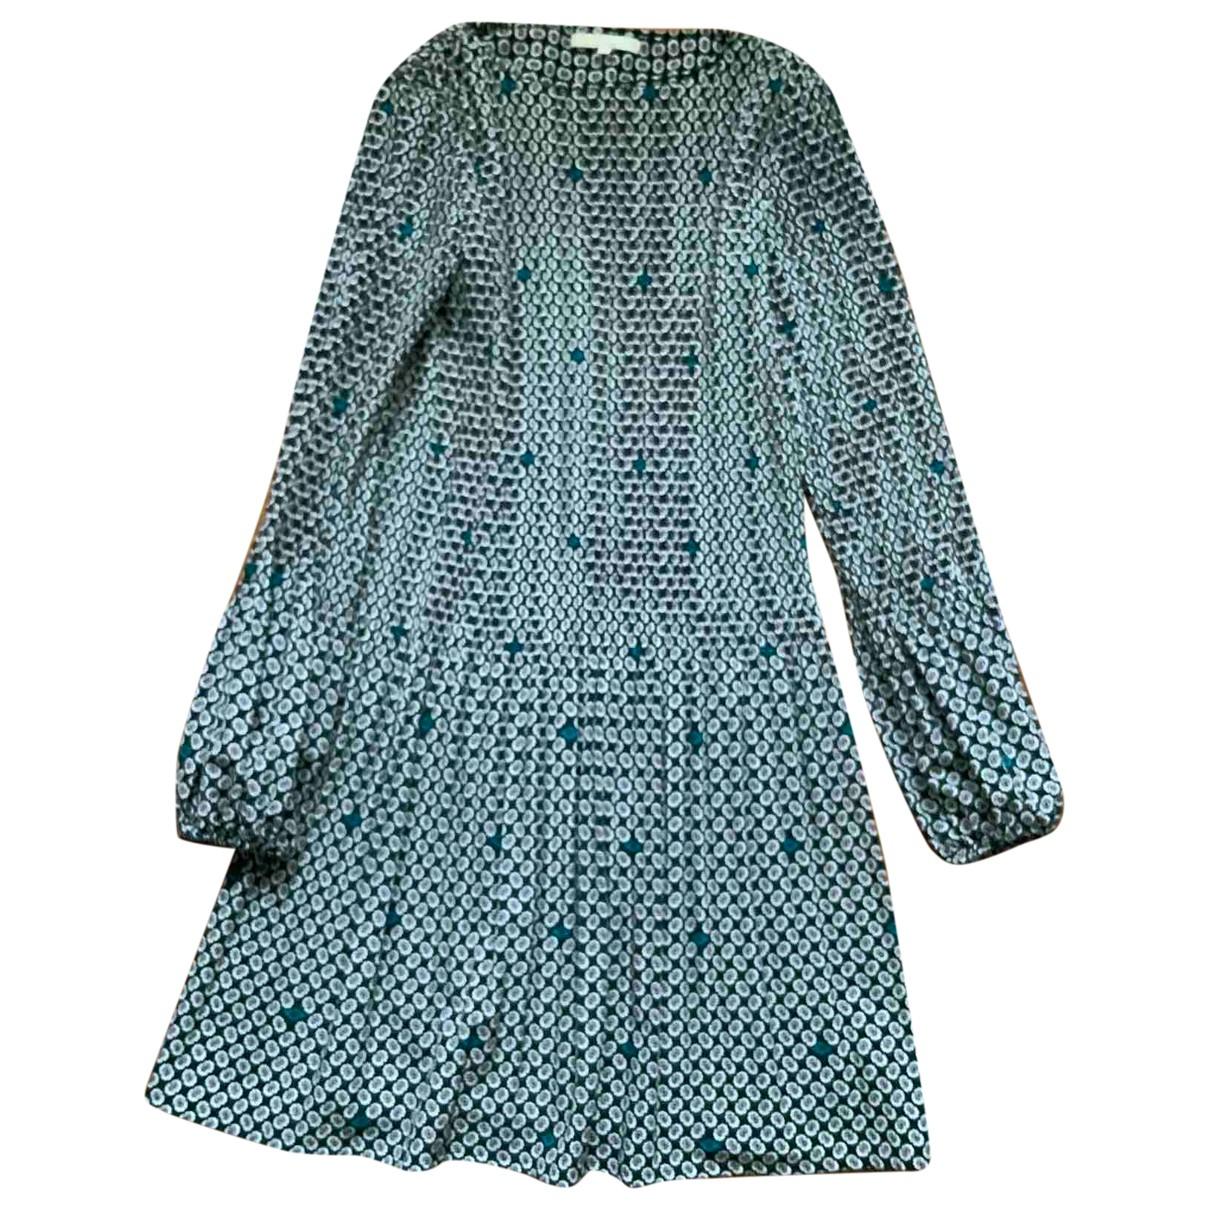 Maje \N Green skirt for Women 2 US